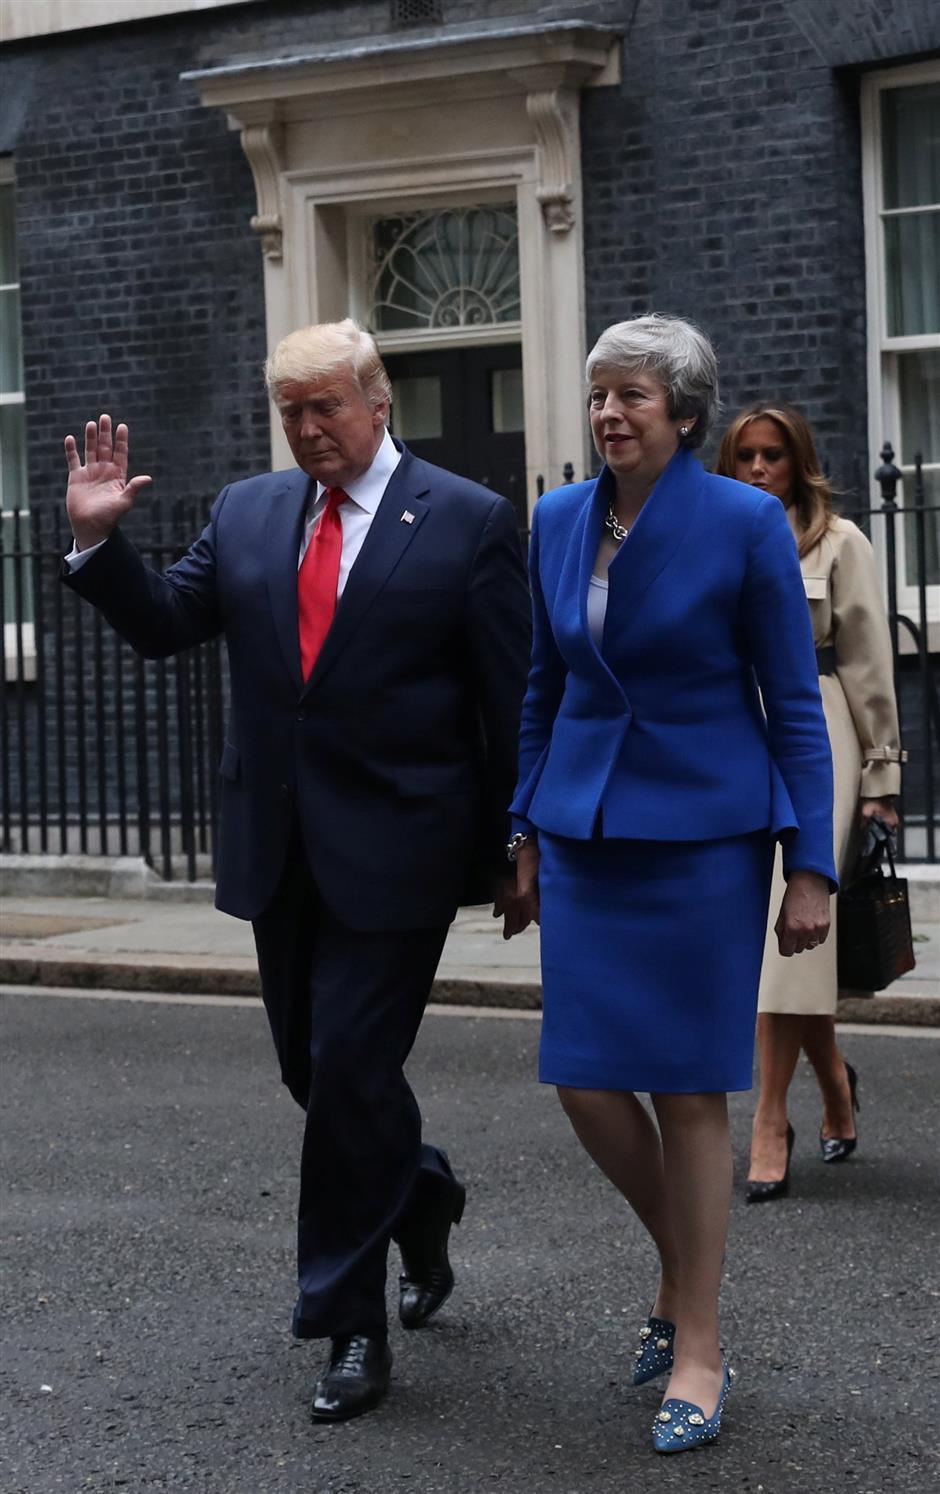 Trump touts 'substantial trade deal' post-Brexit